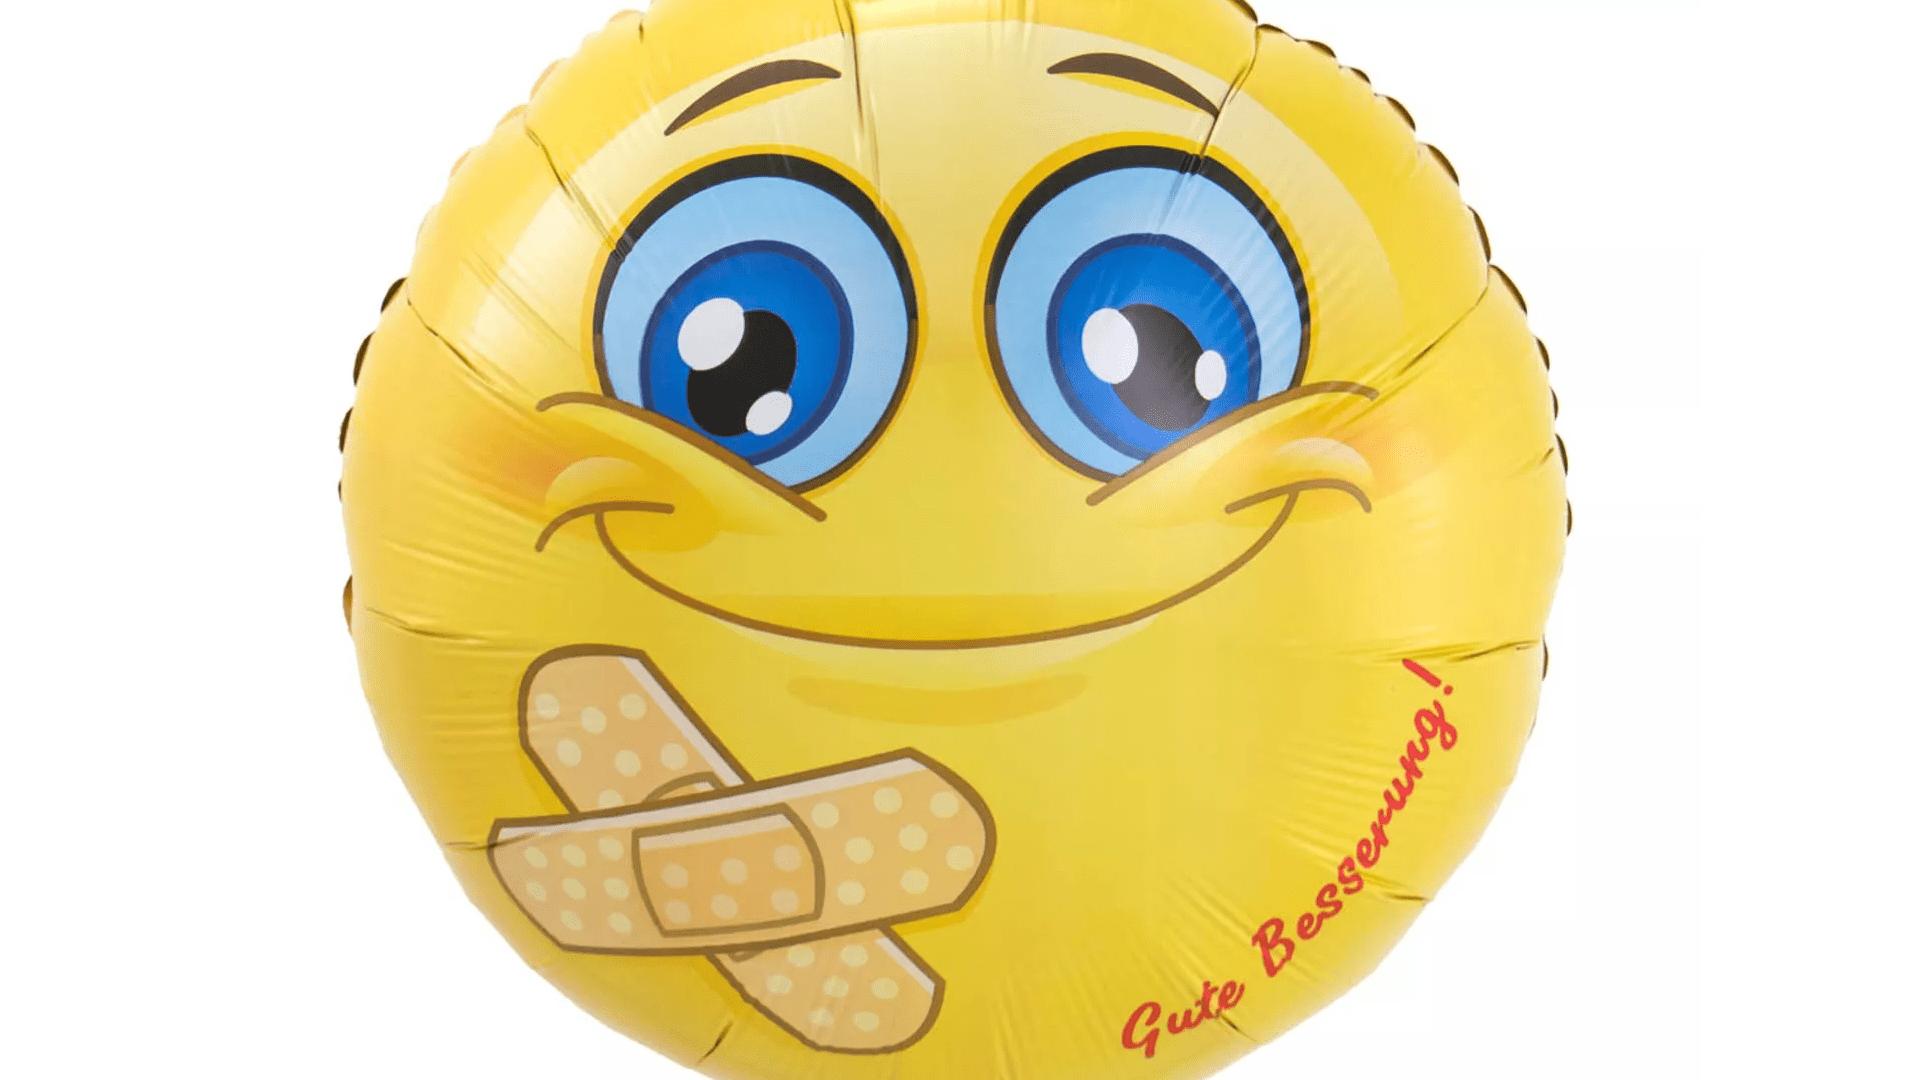 Smiley, Ballon, Pflaster, Folienballon, Gute Besserung